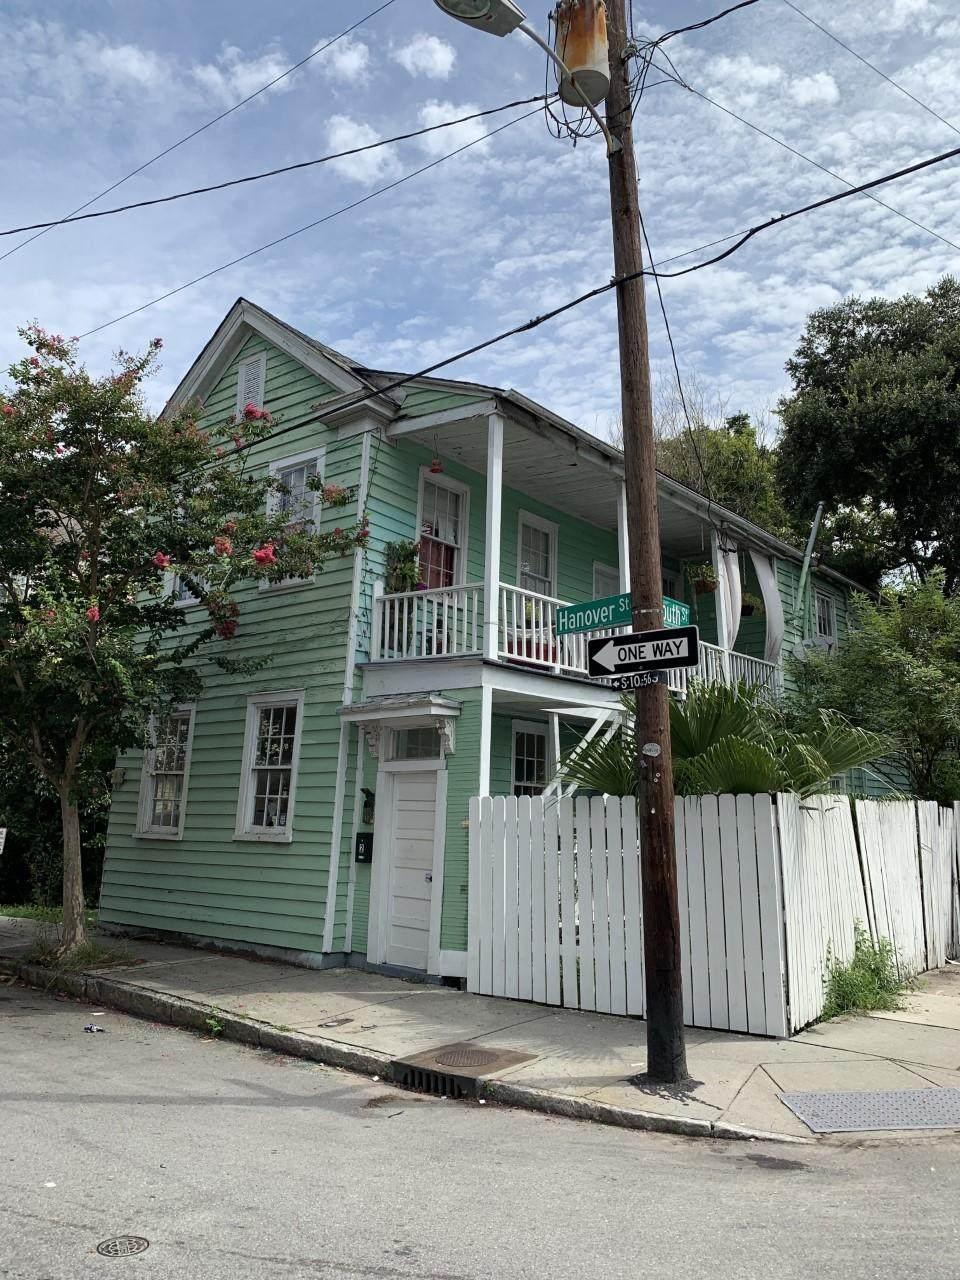 2 Hanover Street - Photo 1